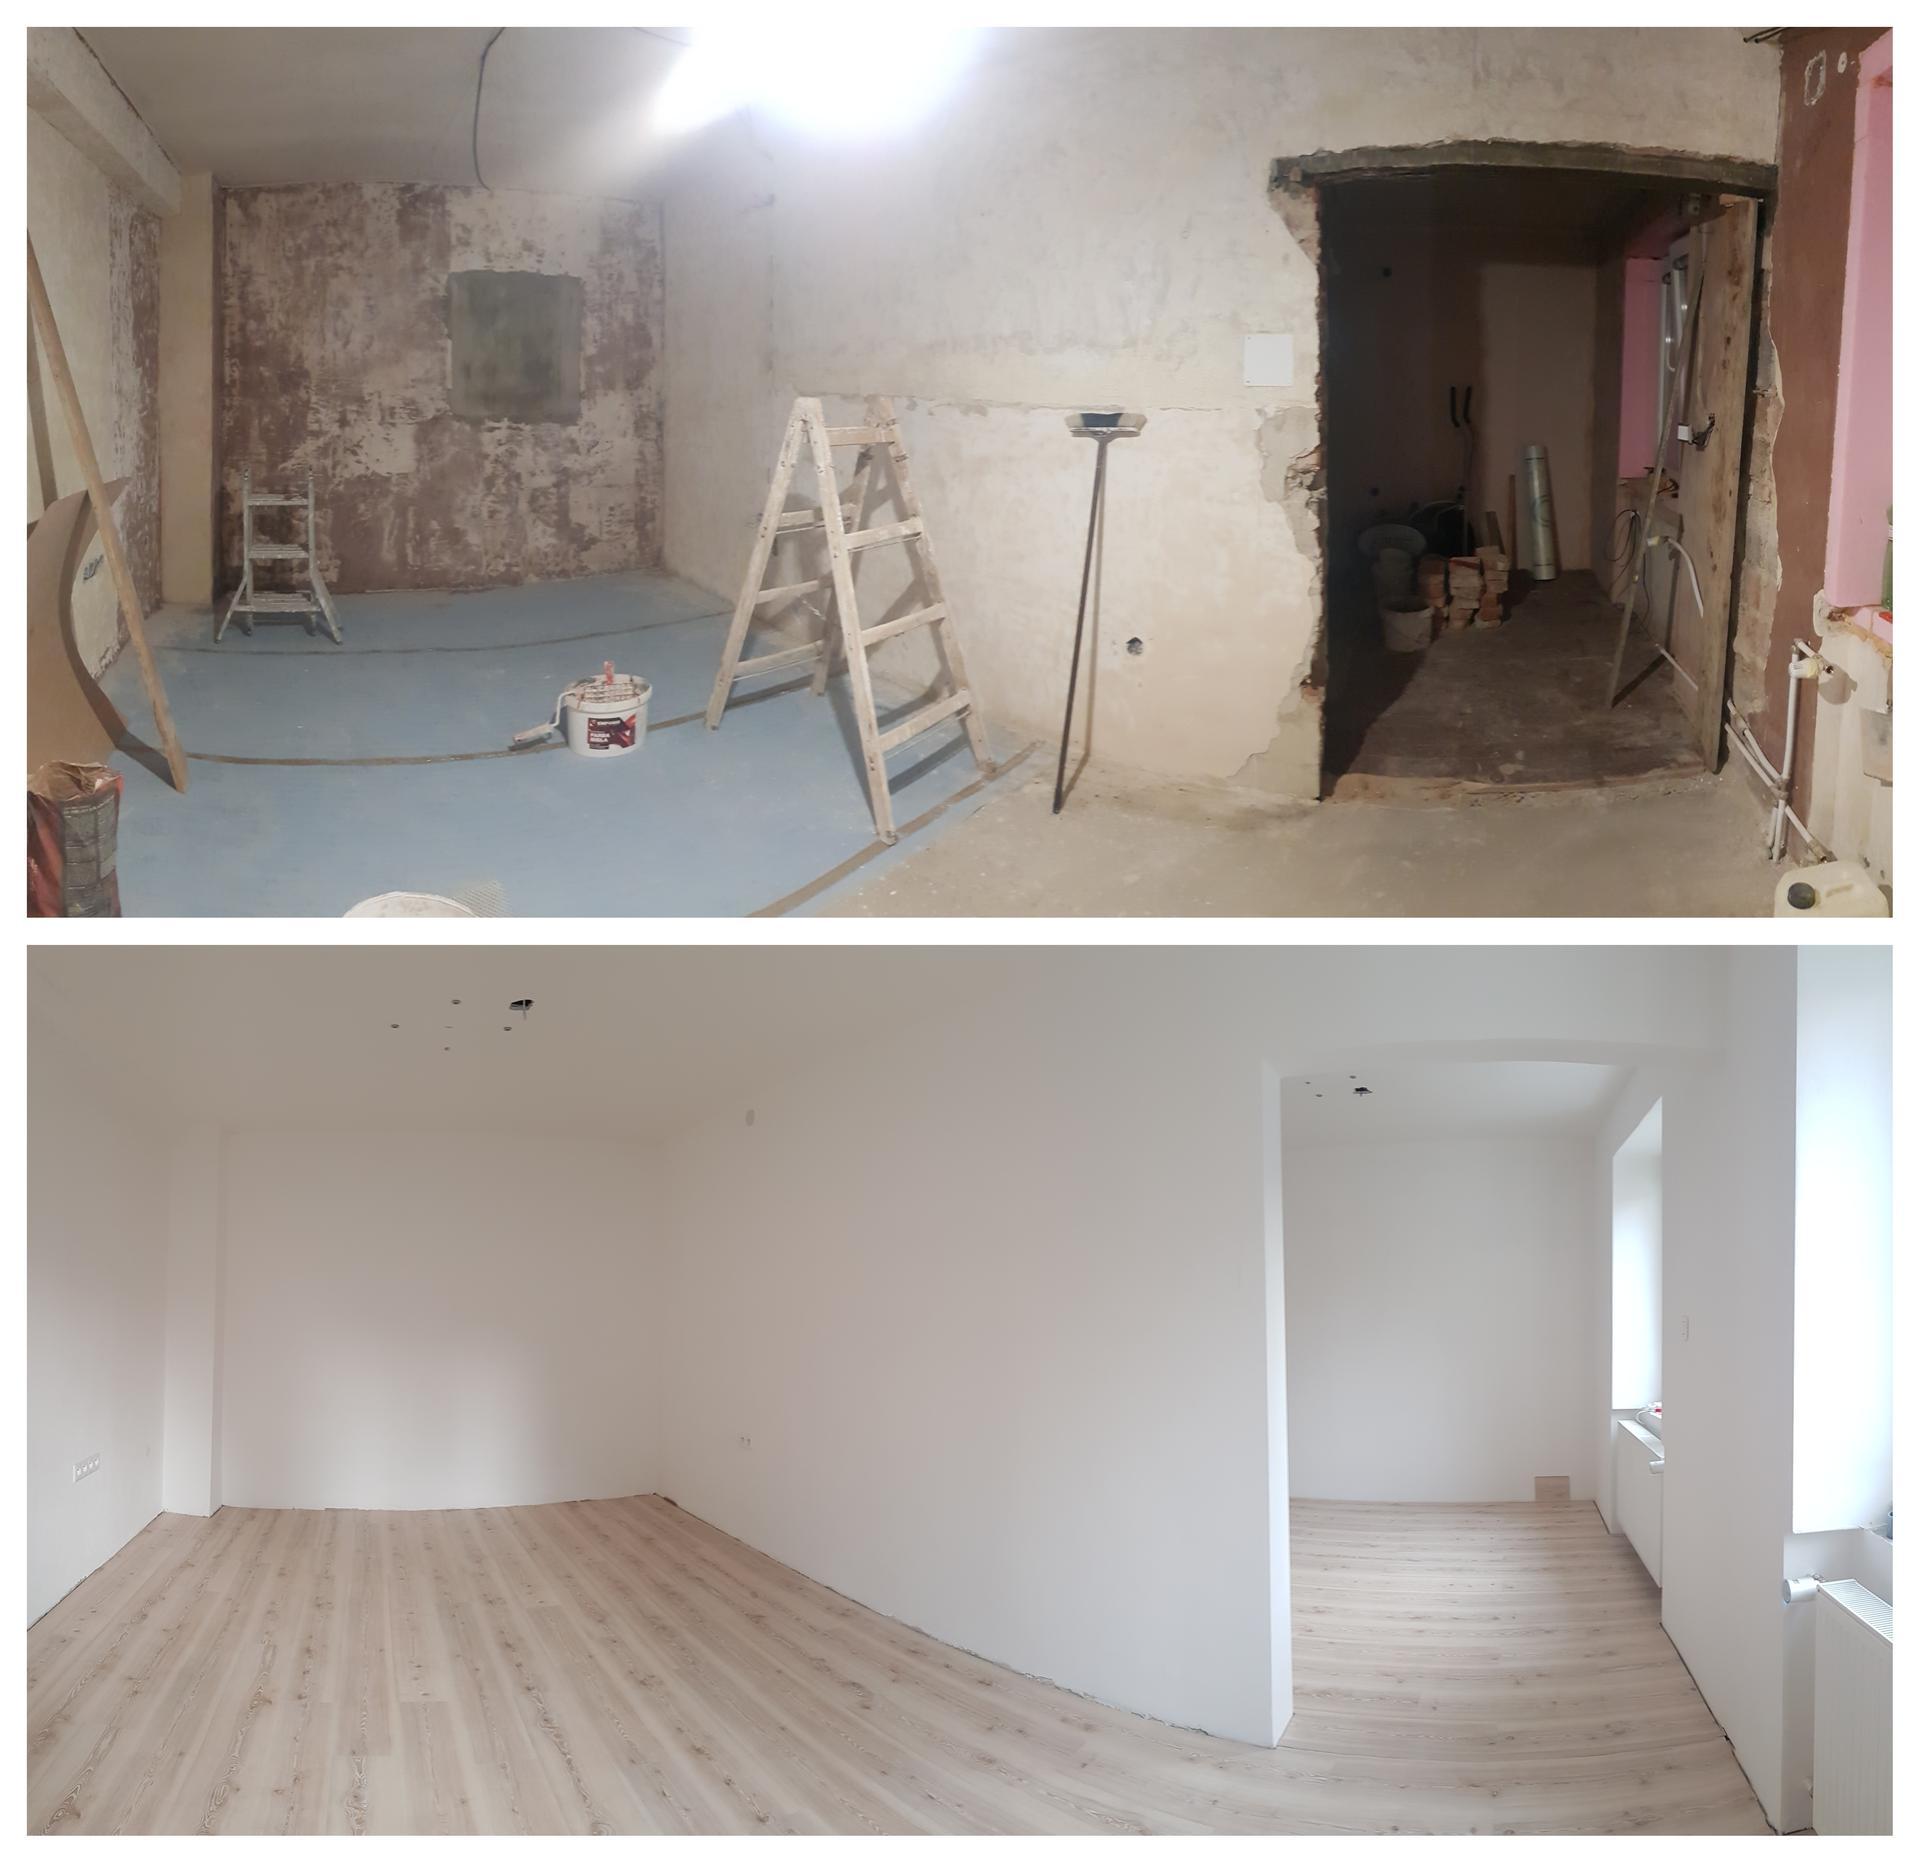 Naša rekonštrukcia - ... rozdiel 3 týždne 😊